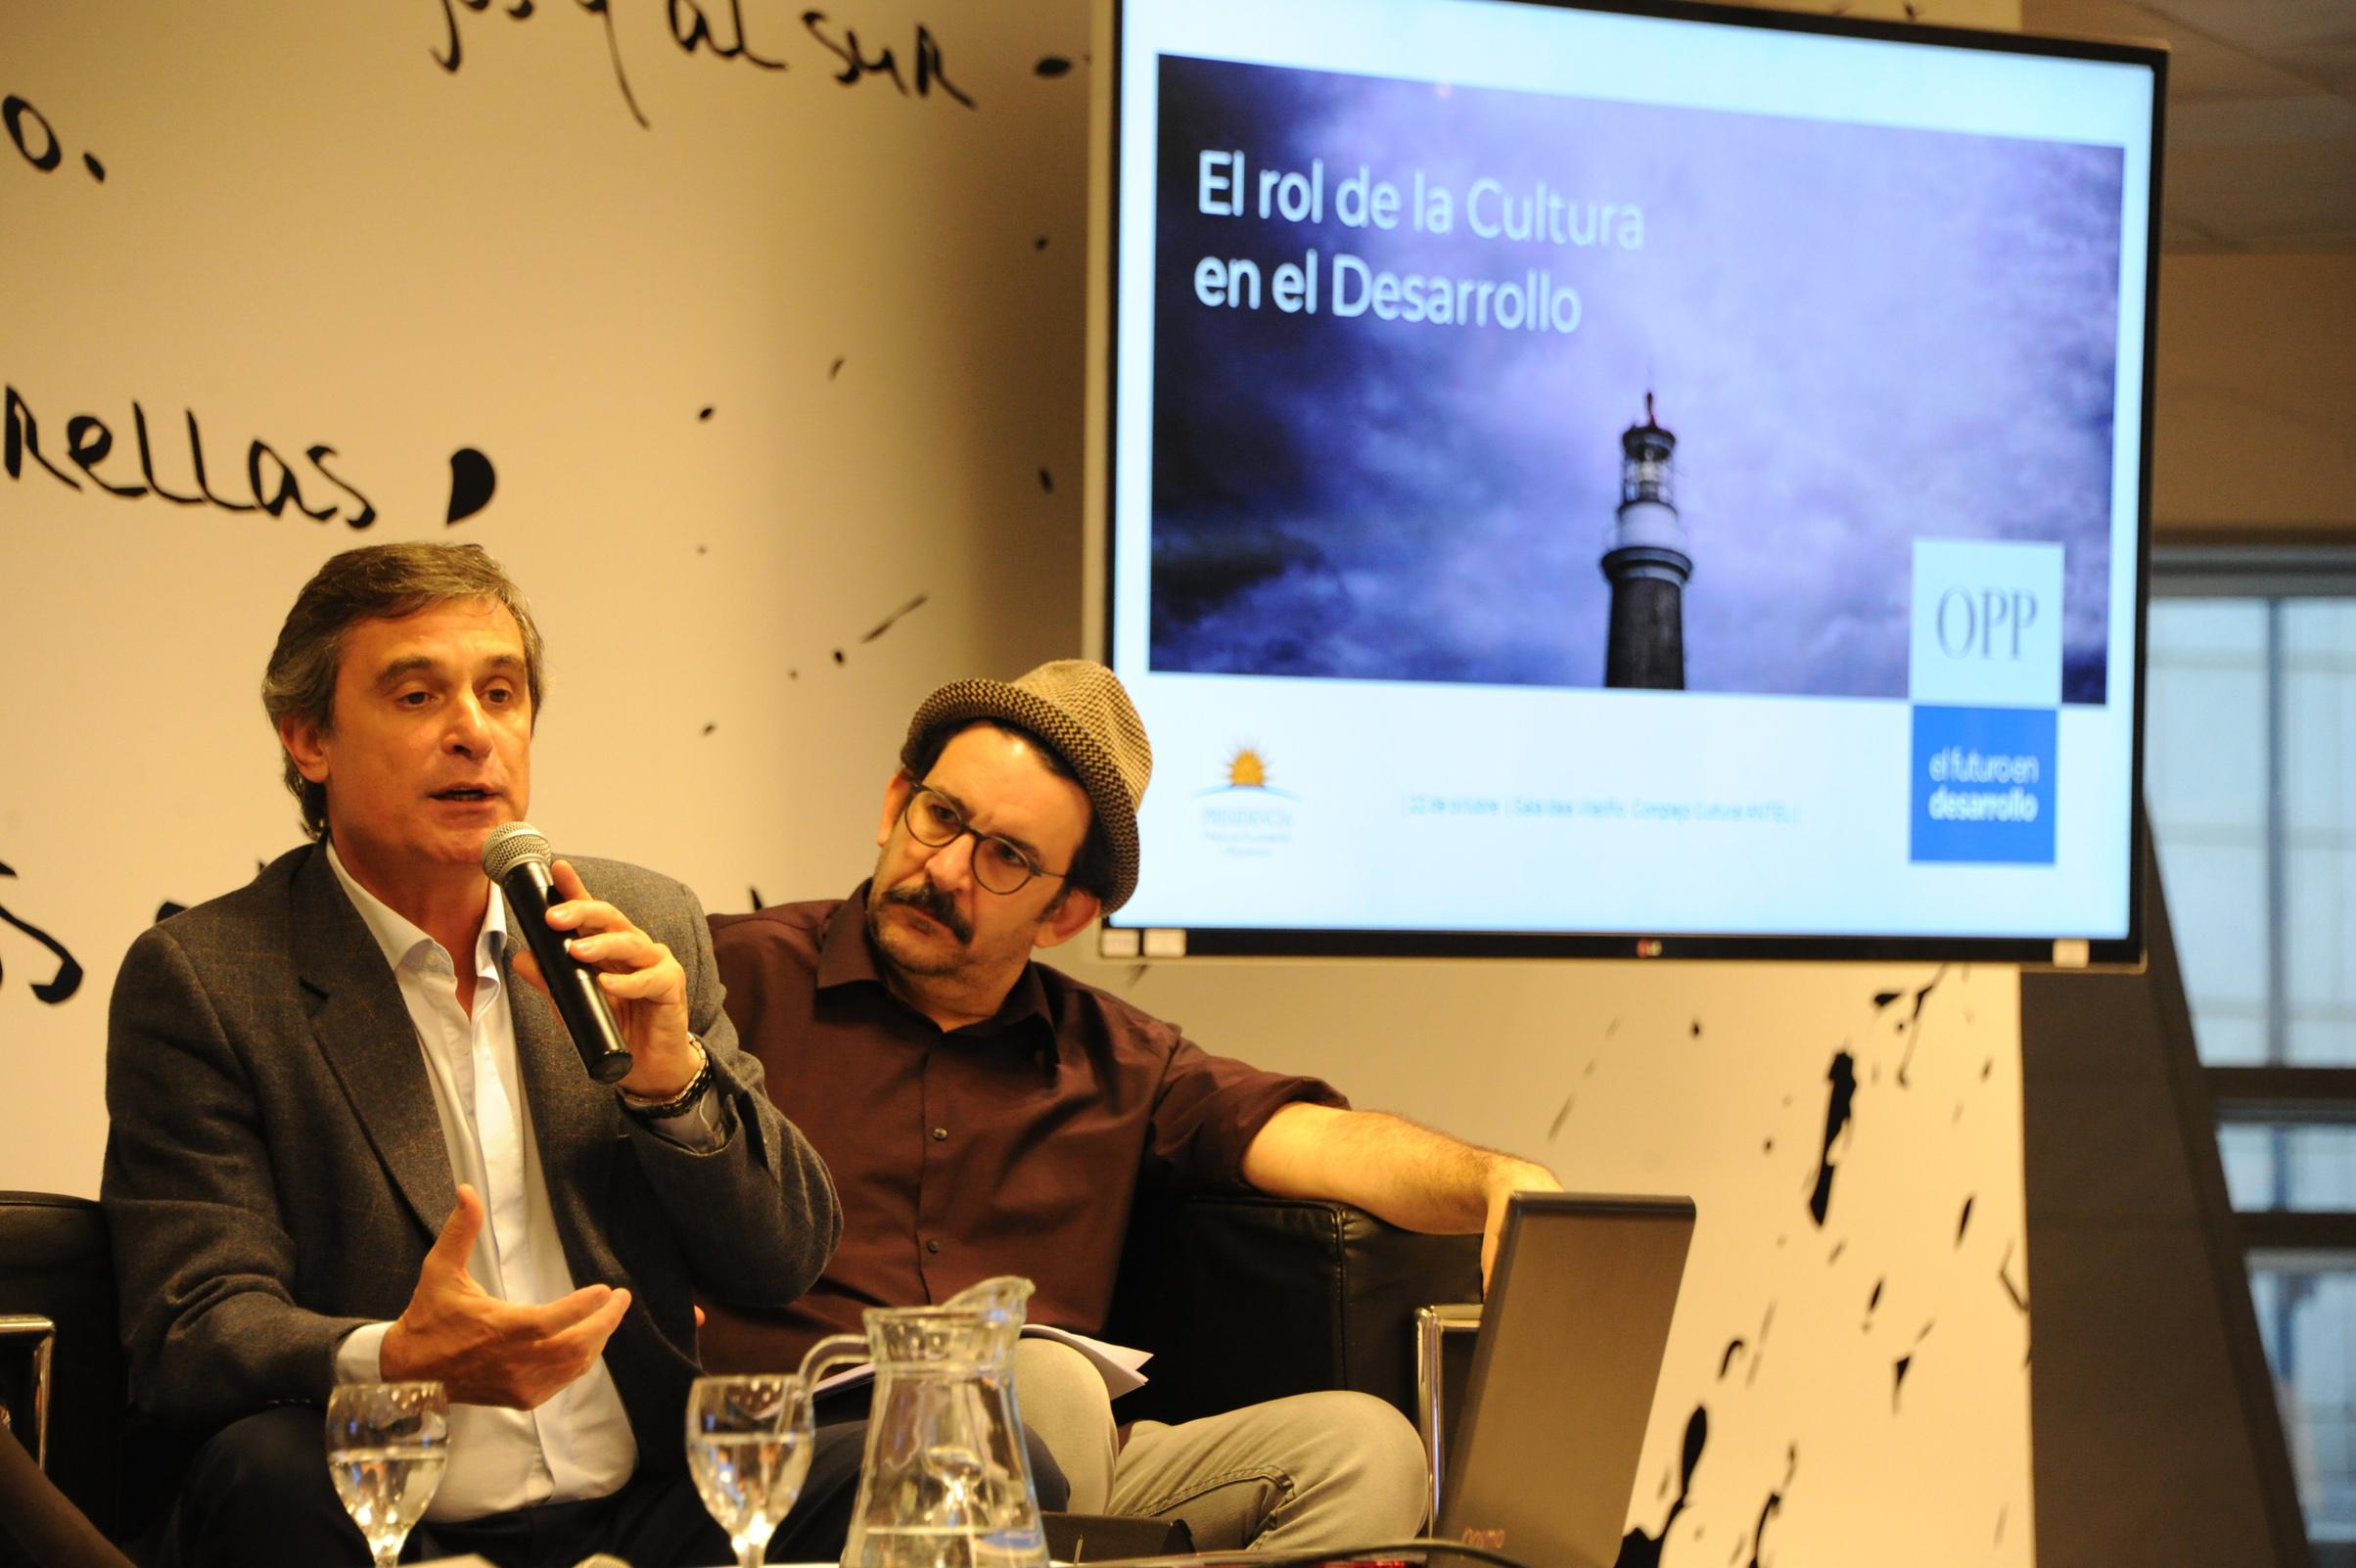 Álvaro García en presentación de informe sobre valores y creencias de los uruguayos